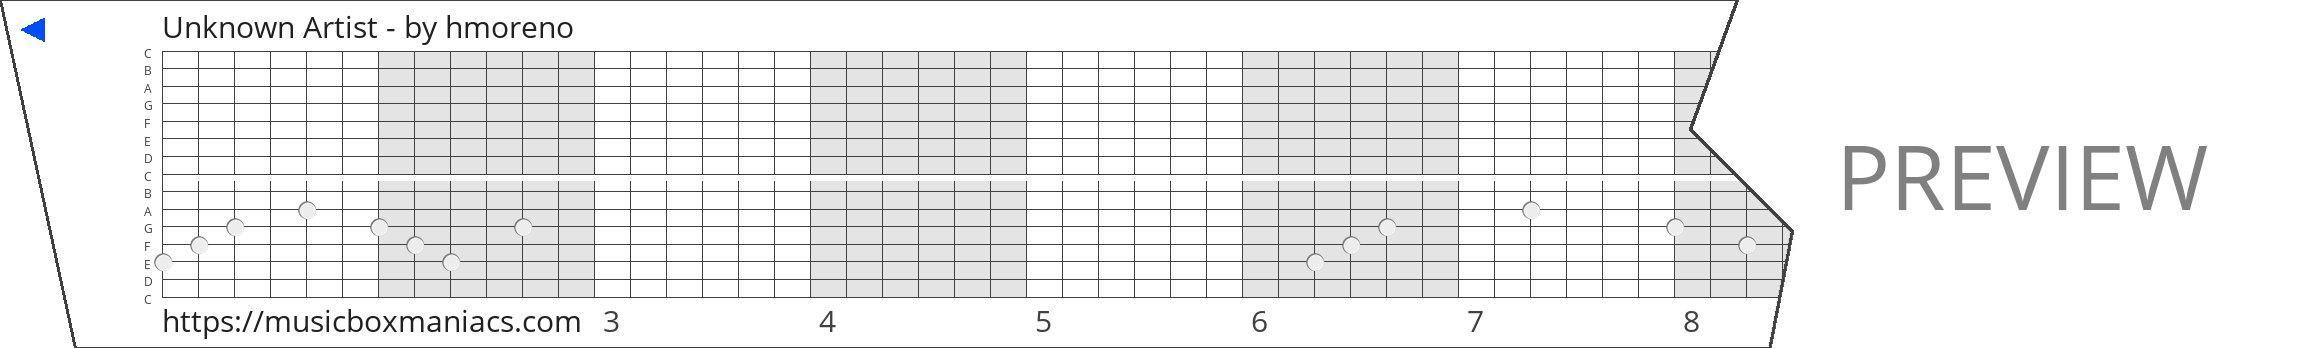 Unknown Artist - 15 note music box paper strip